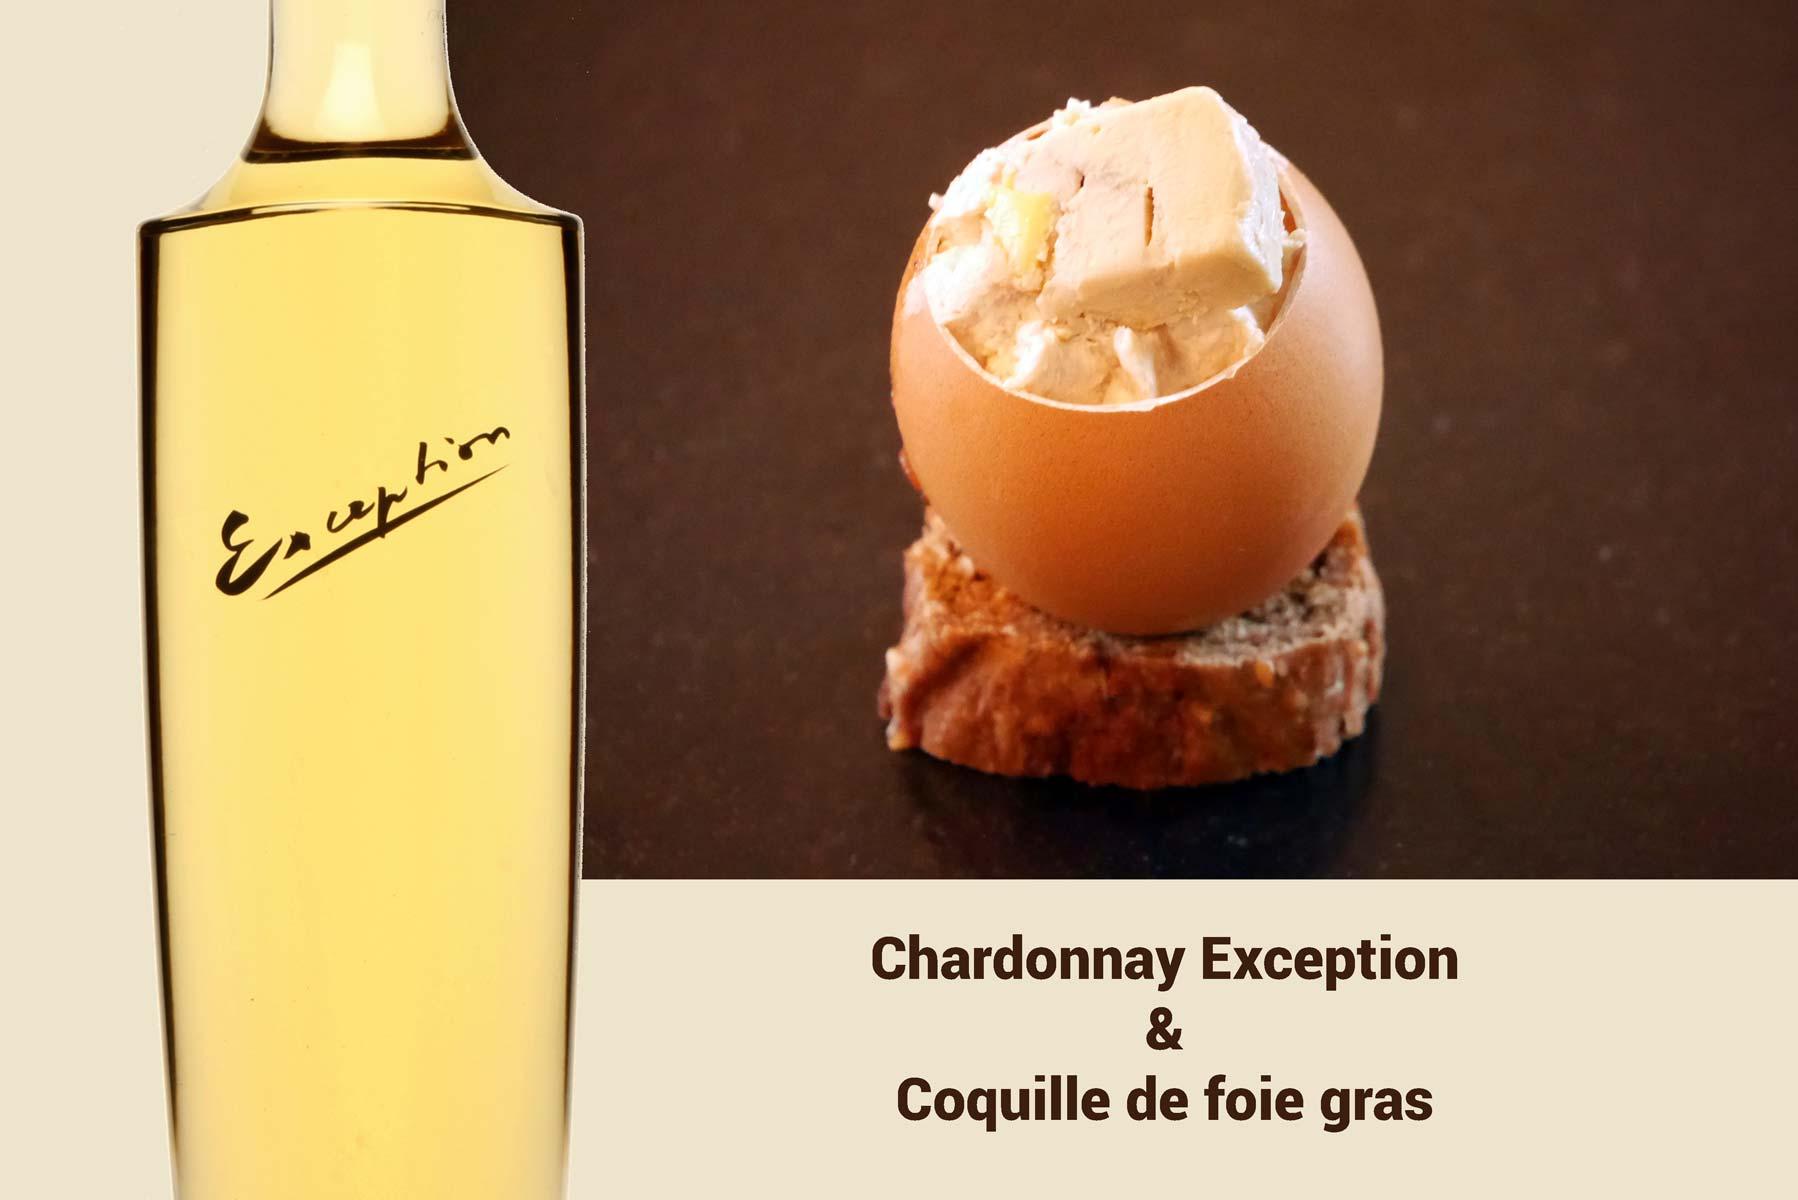 Exception et foie gras